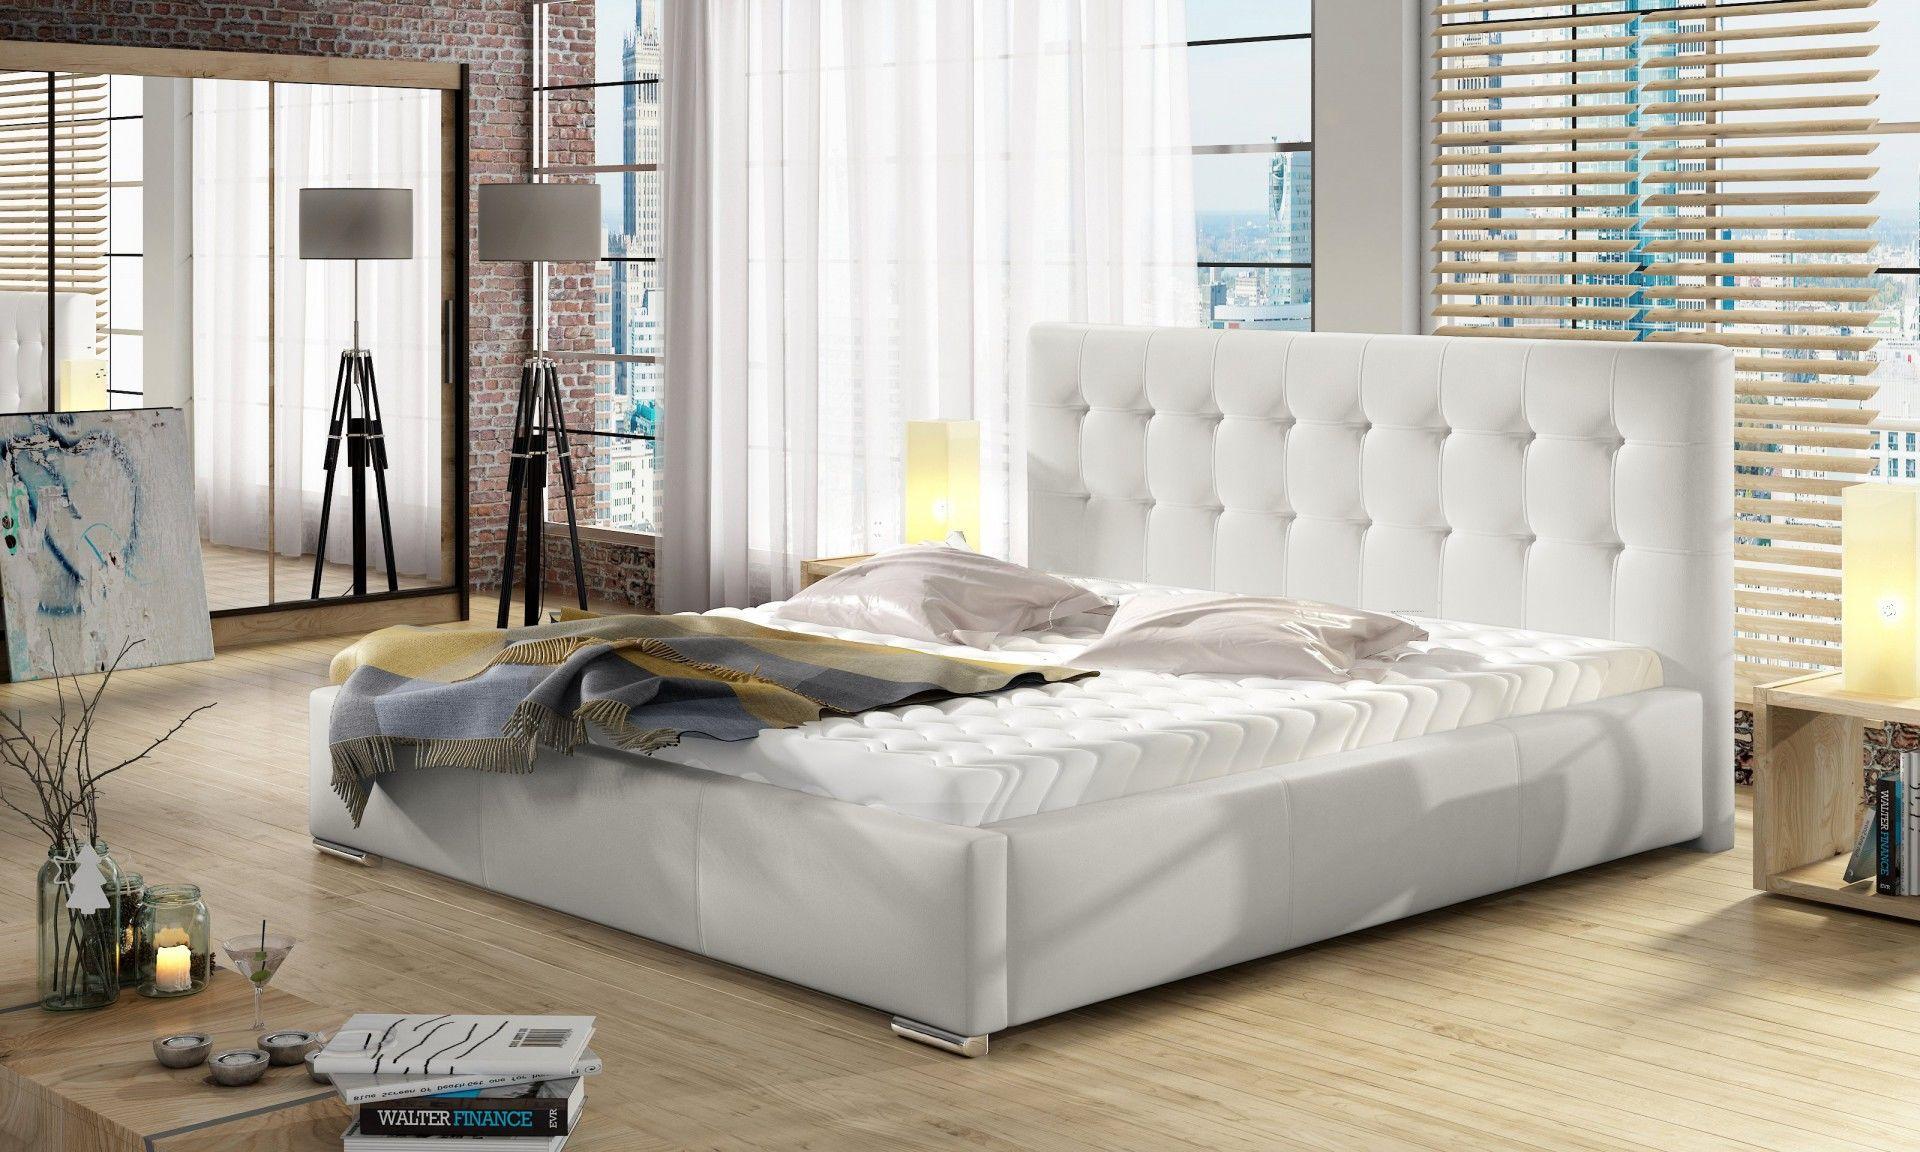 Łóżko DOLORES pod materac 140x200+ wysoki materac kieszeniowy SOGNATO + stelaż Simpack